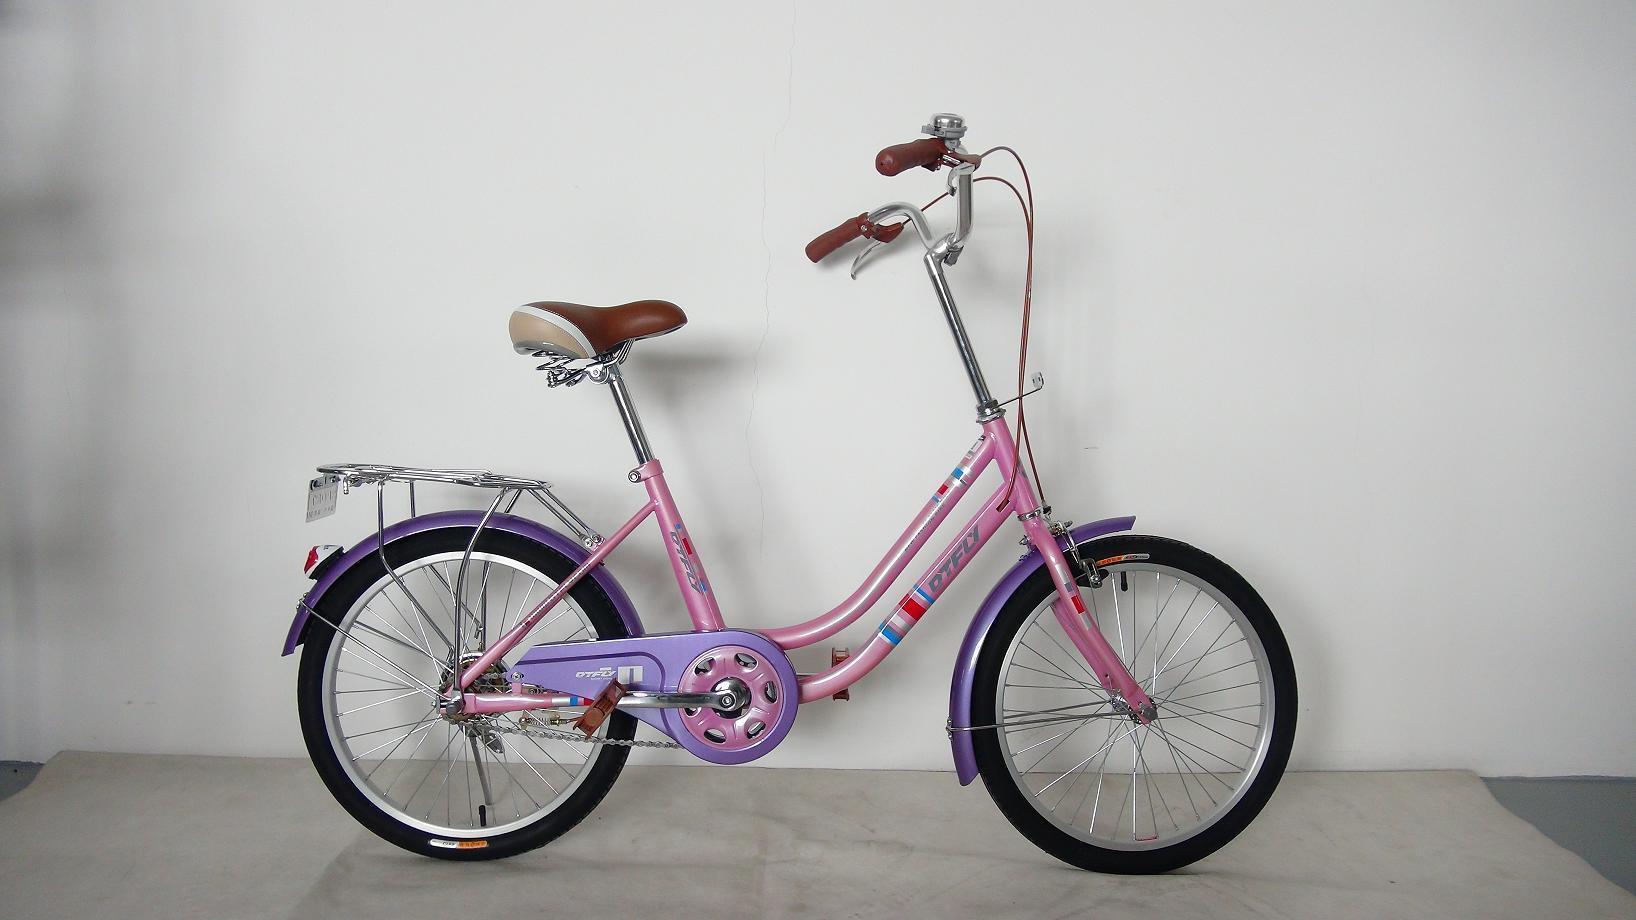 Ying Hua Bike